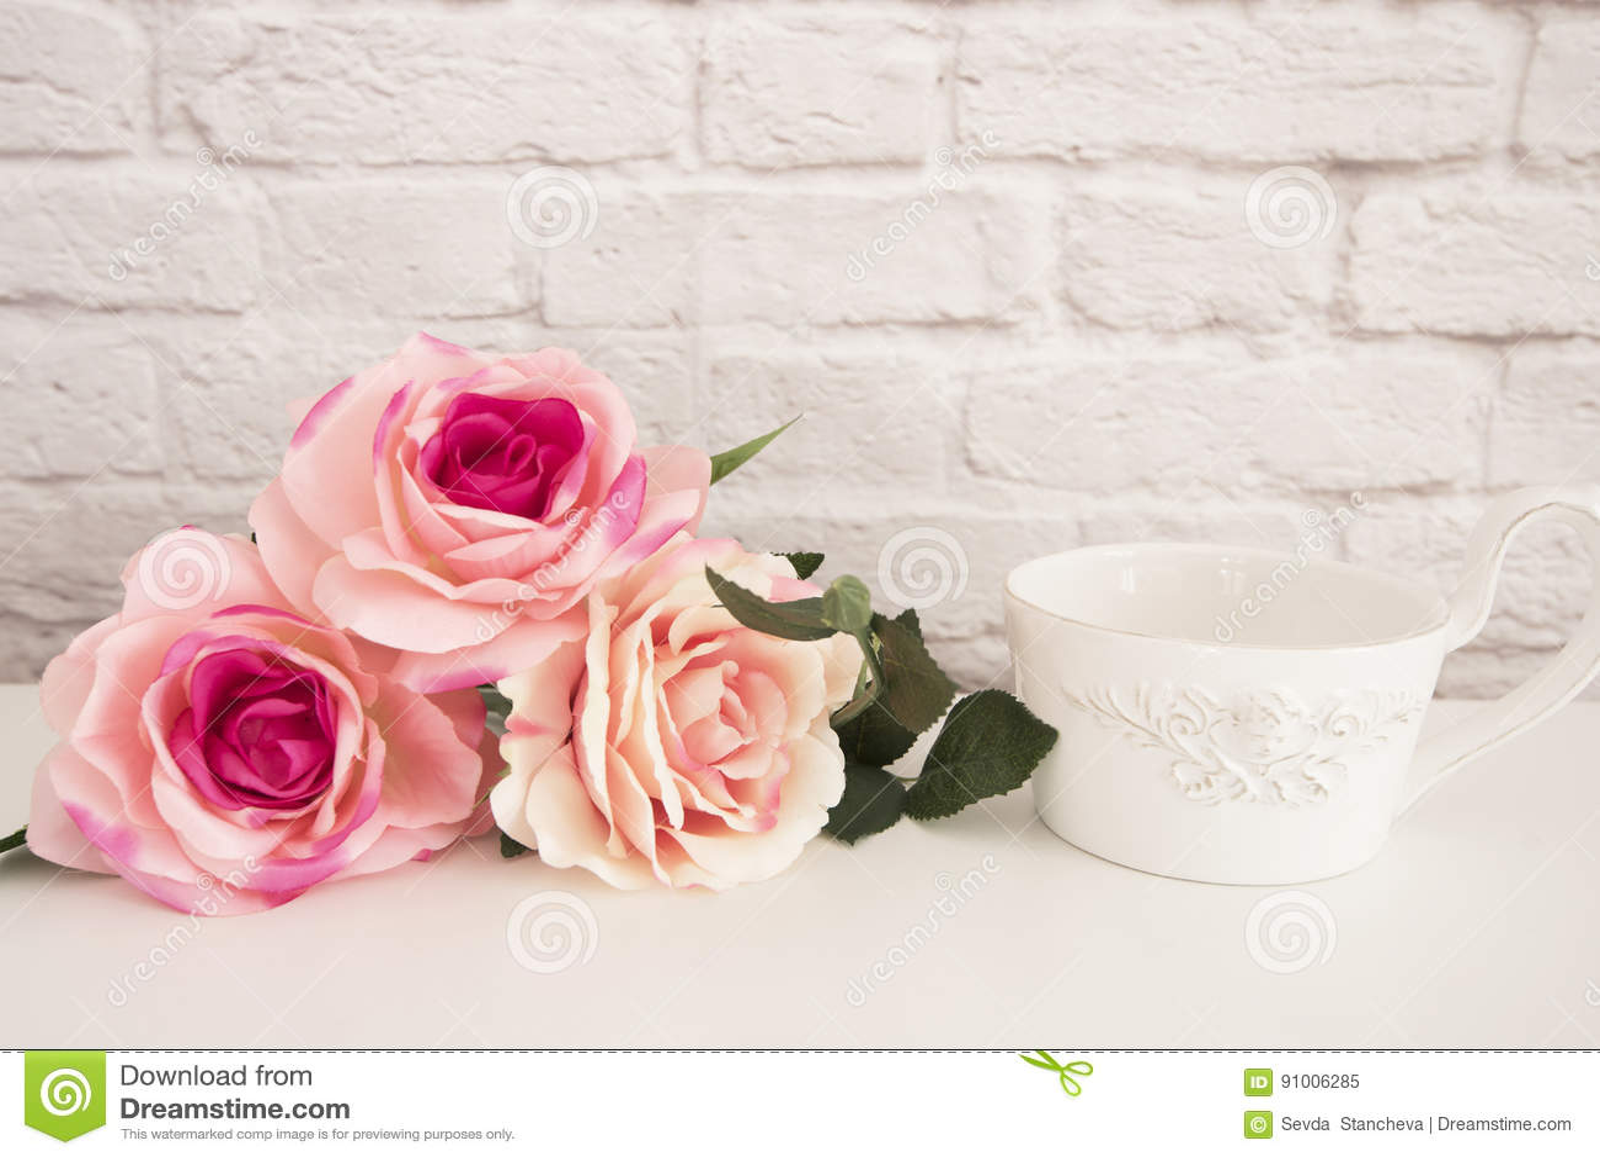 Bouquet des roses sur un bureau blanc a grande tasse de café dans